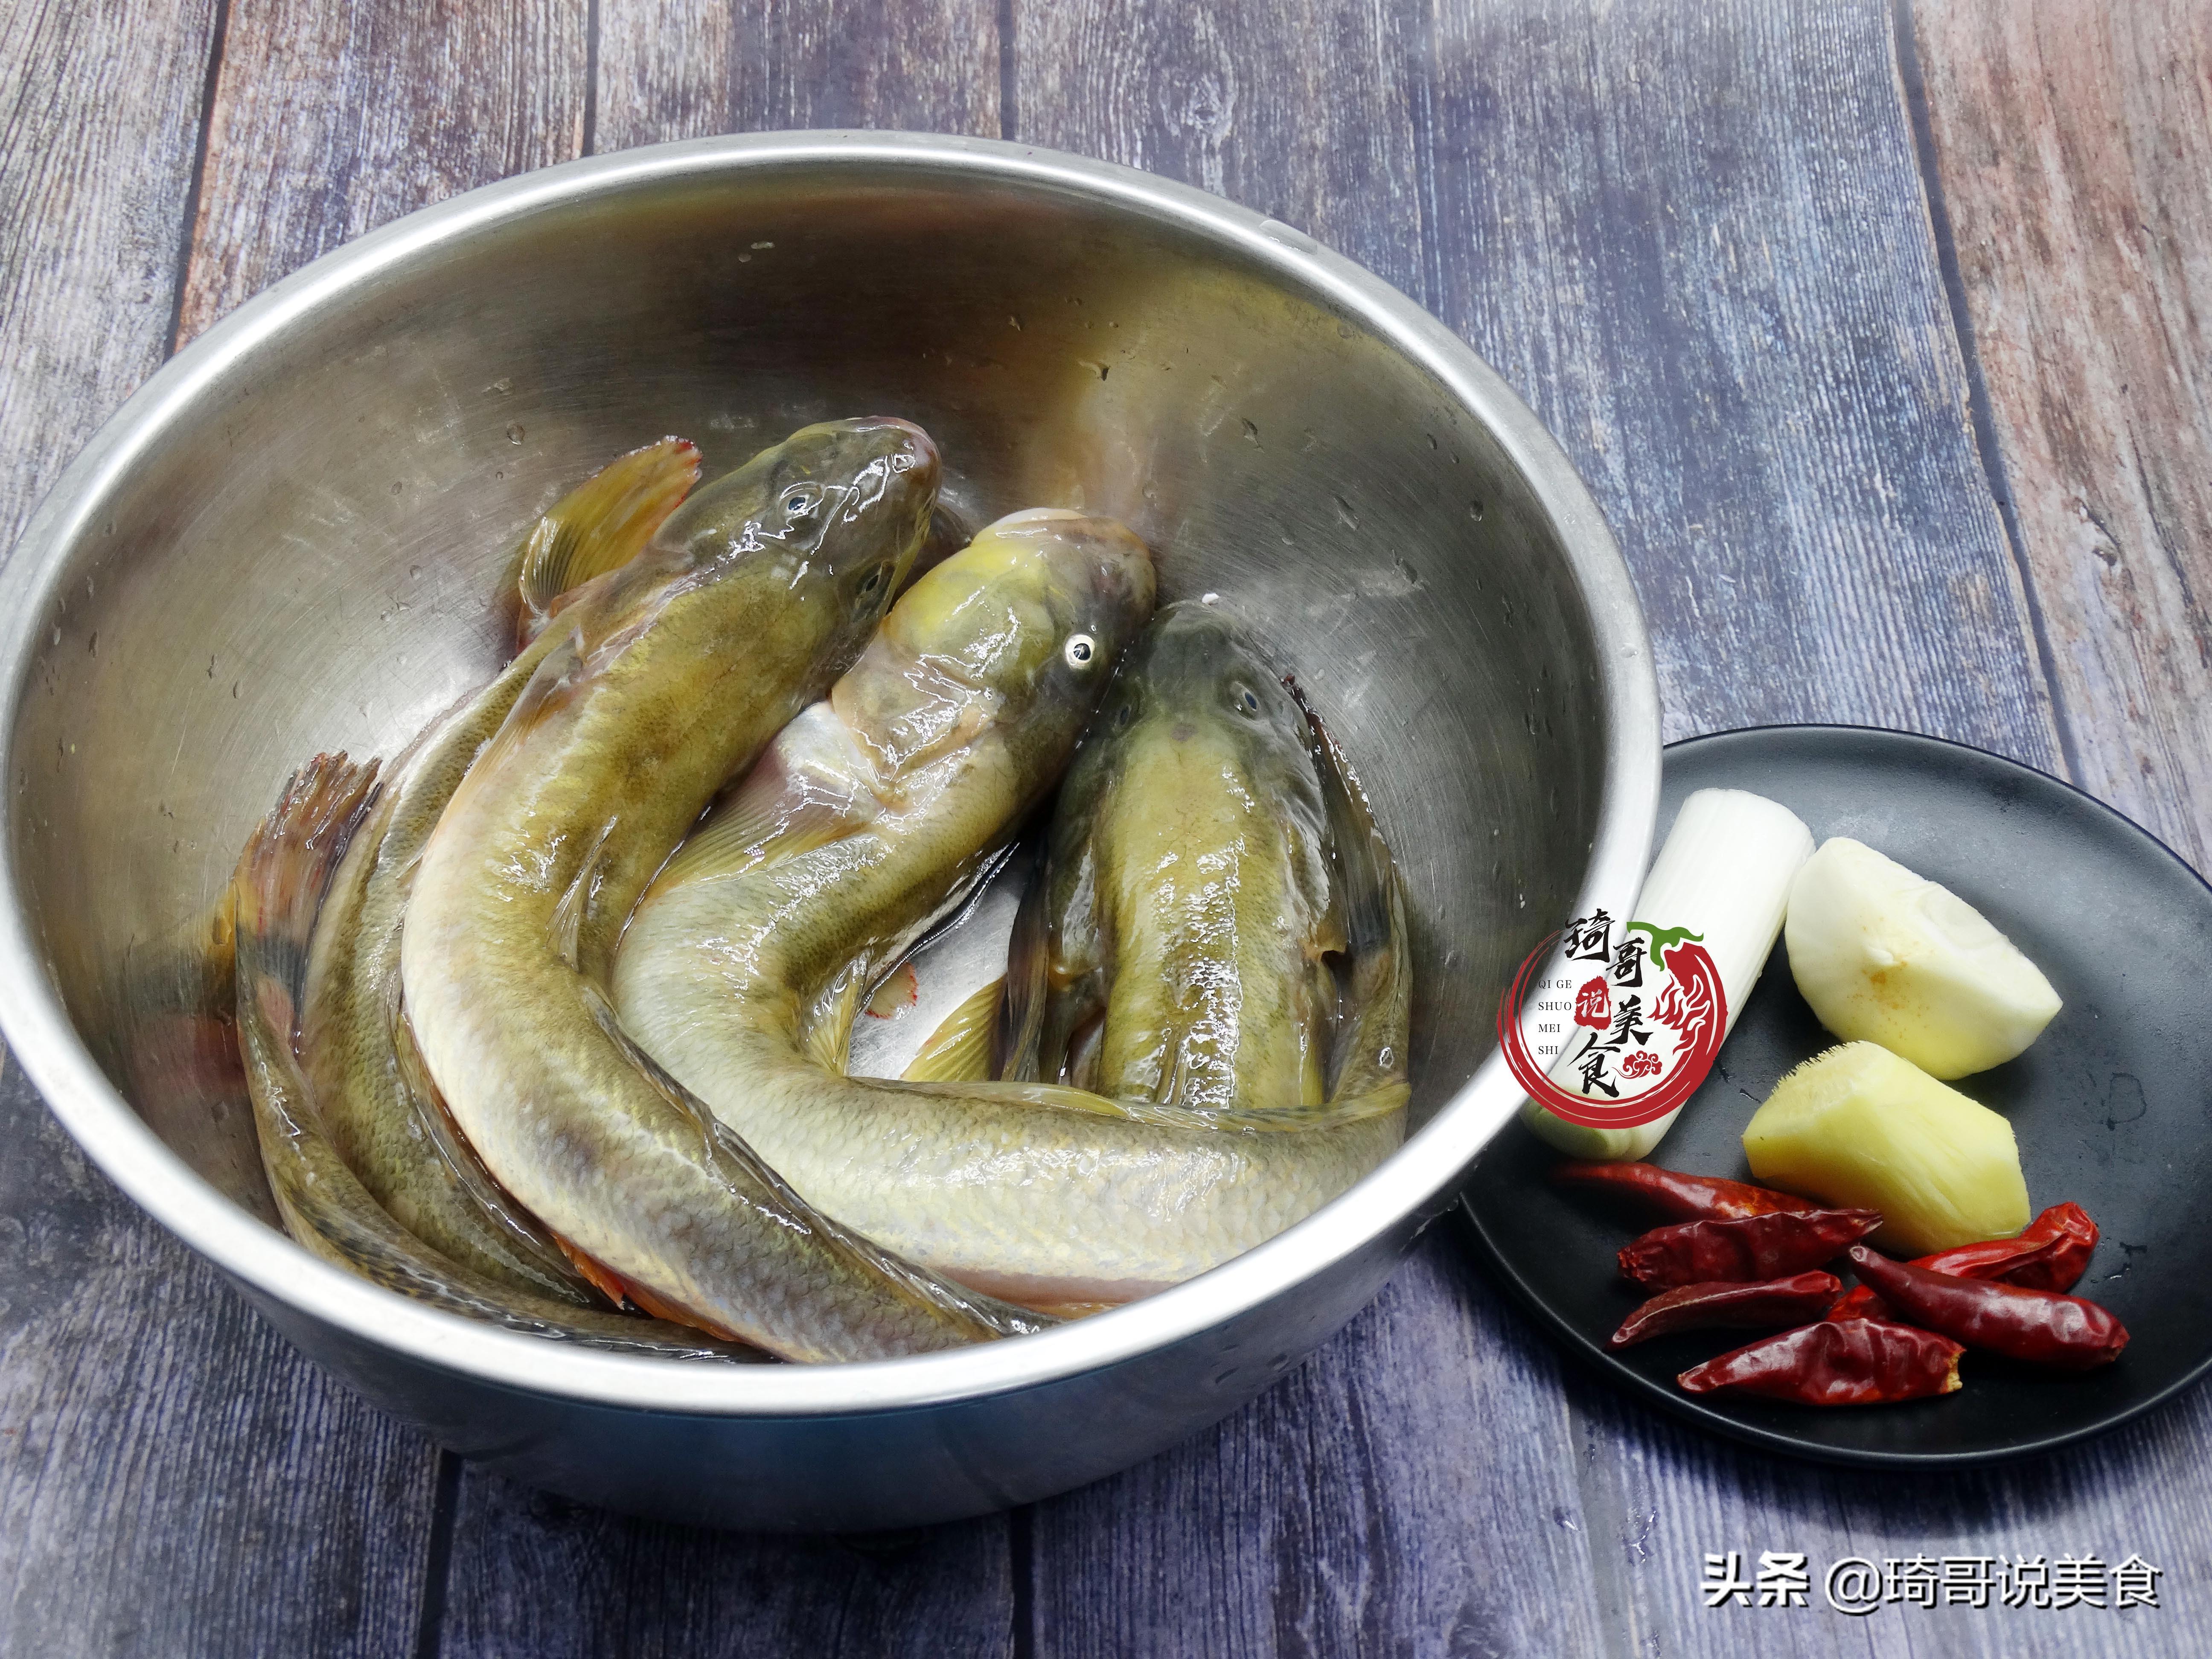 炖鱼时,去腥用酒和醋是不对的!大厨教我1招,鱼肉鲜香没腥味 美食做法 第4张